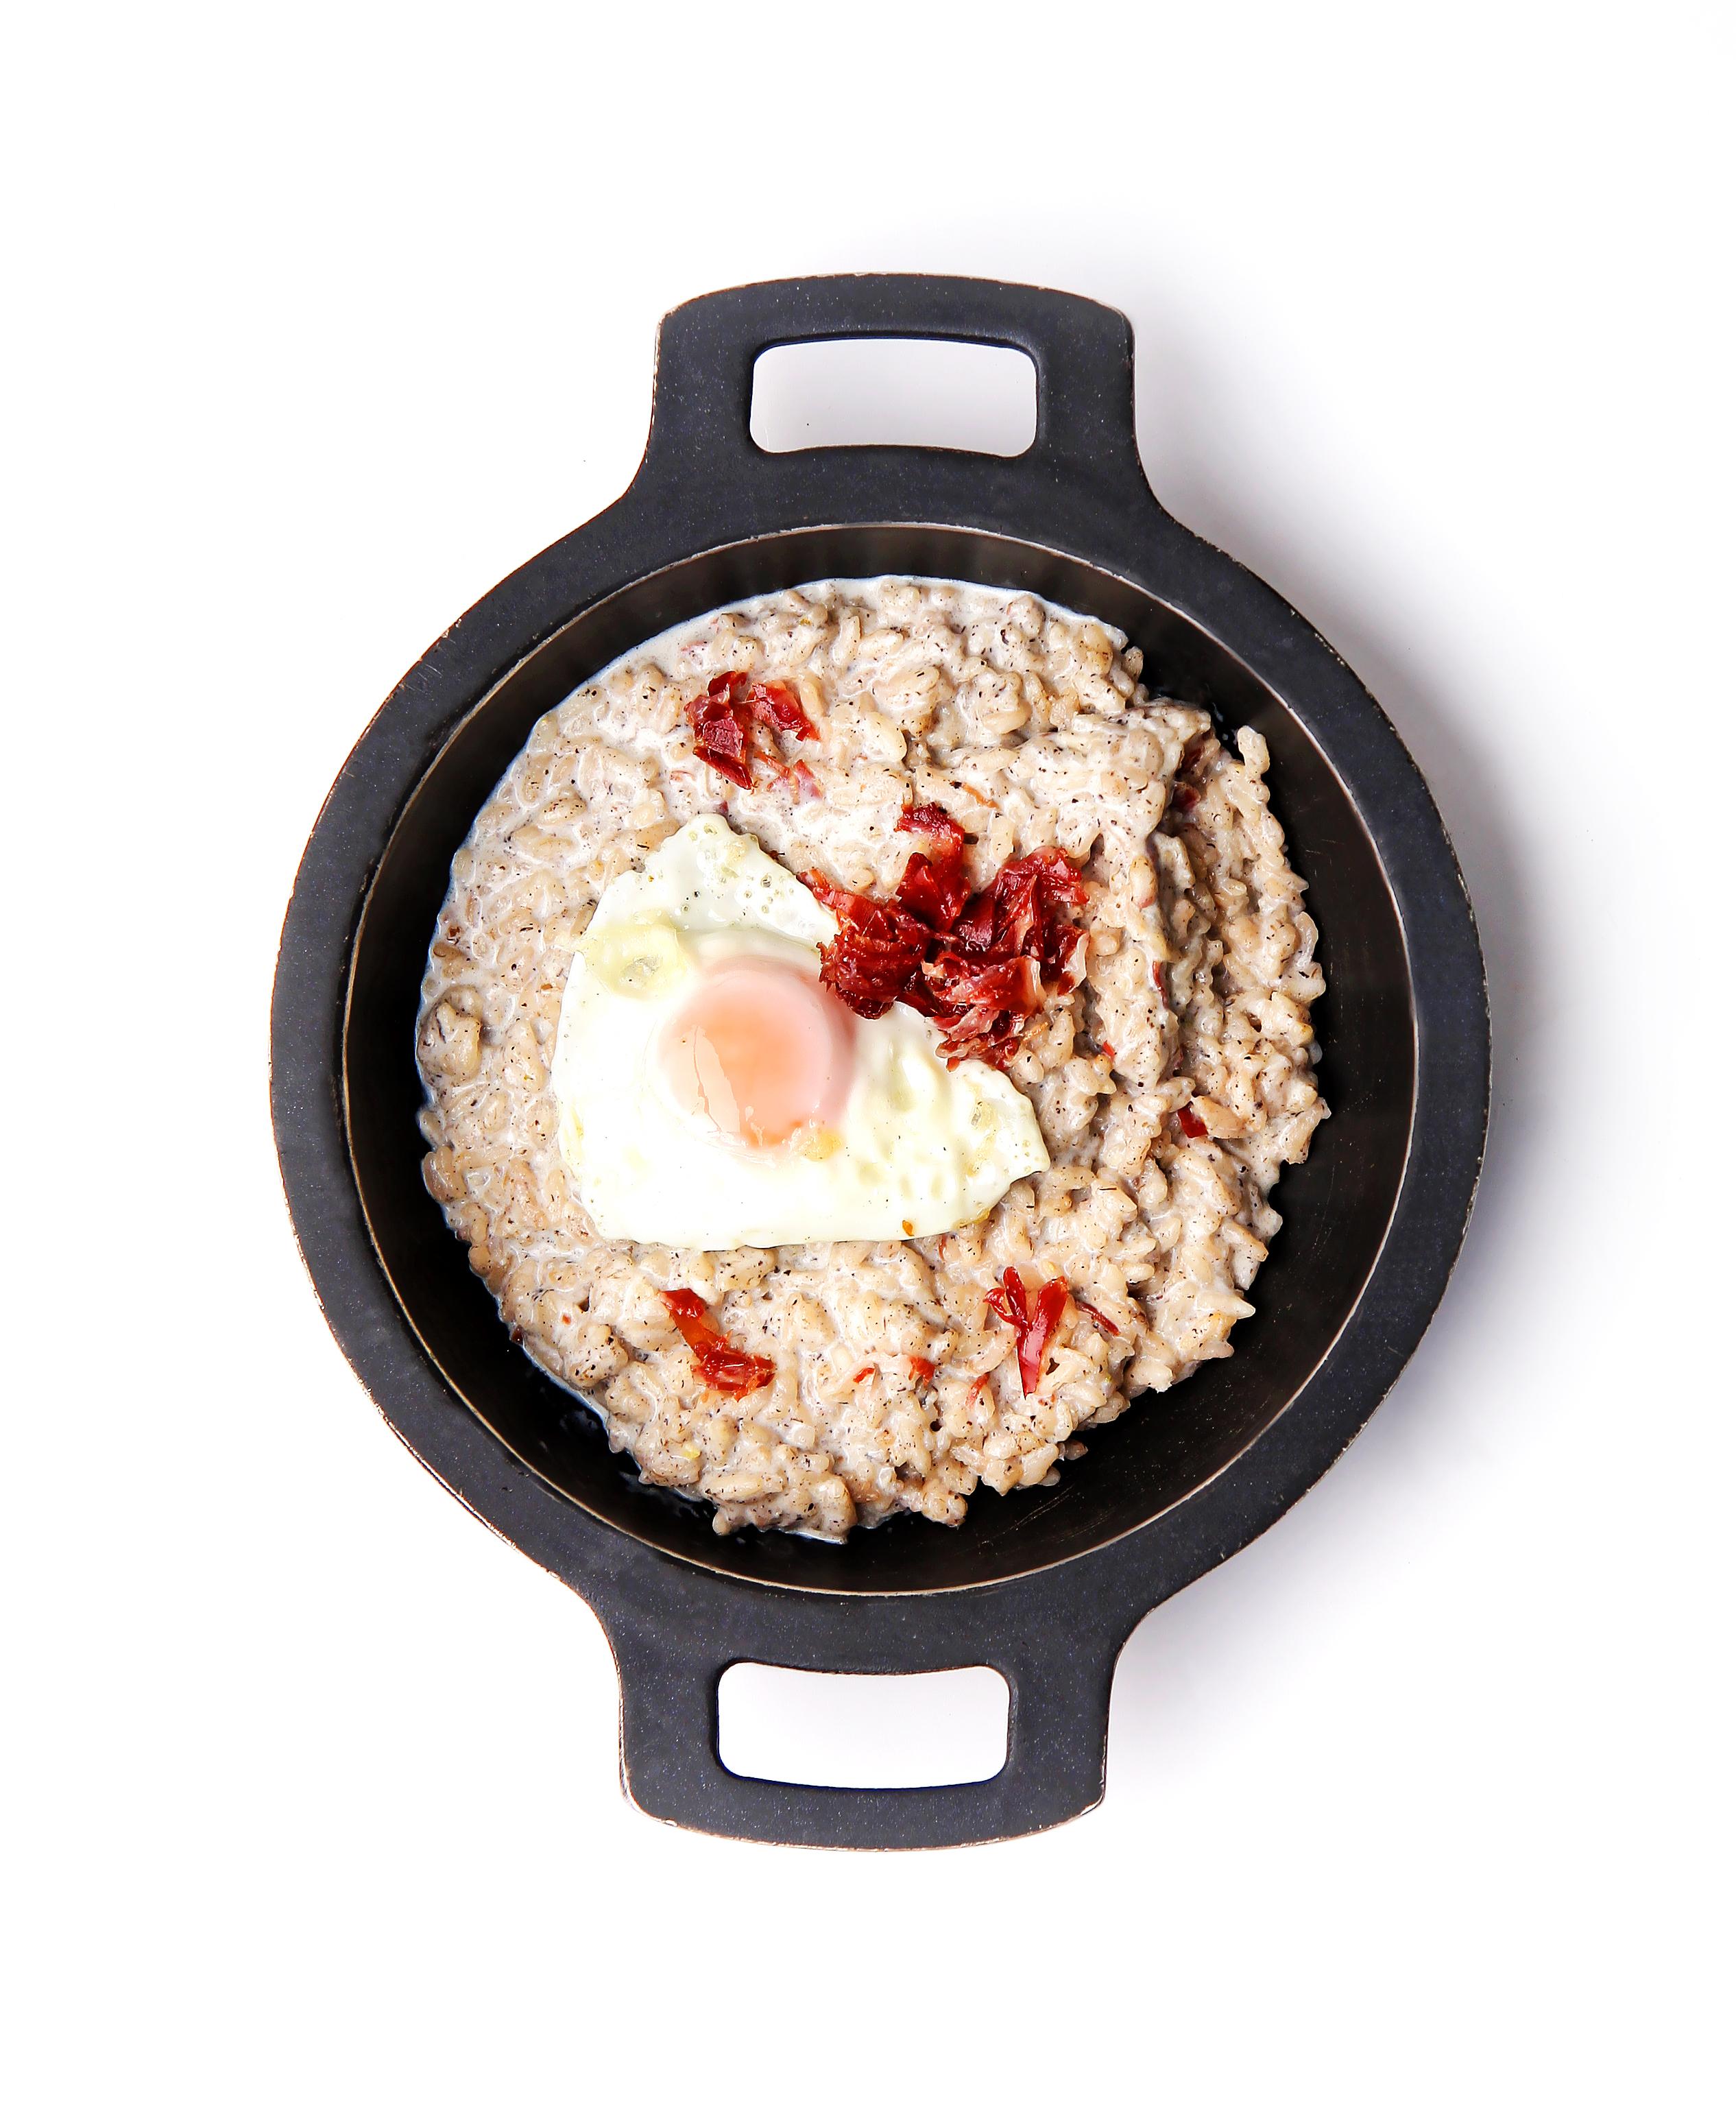 Todos los beneficios de comer huevo 1 - Todos los beneficios de comer huevo